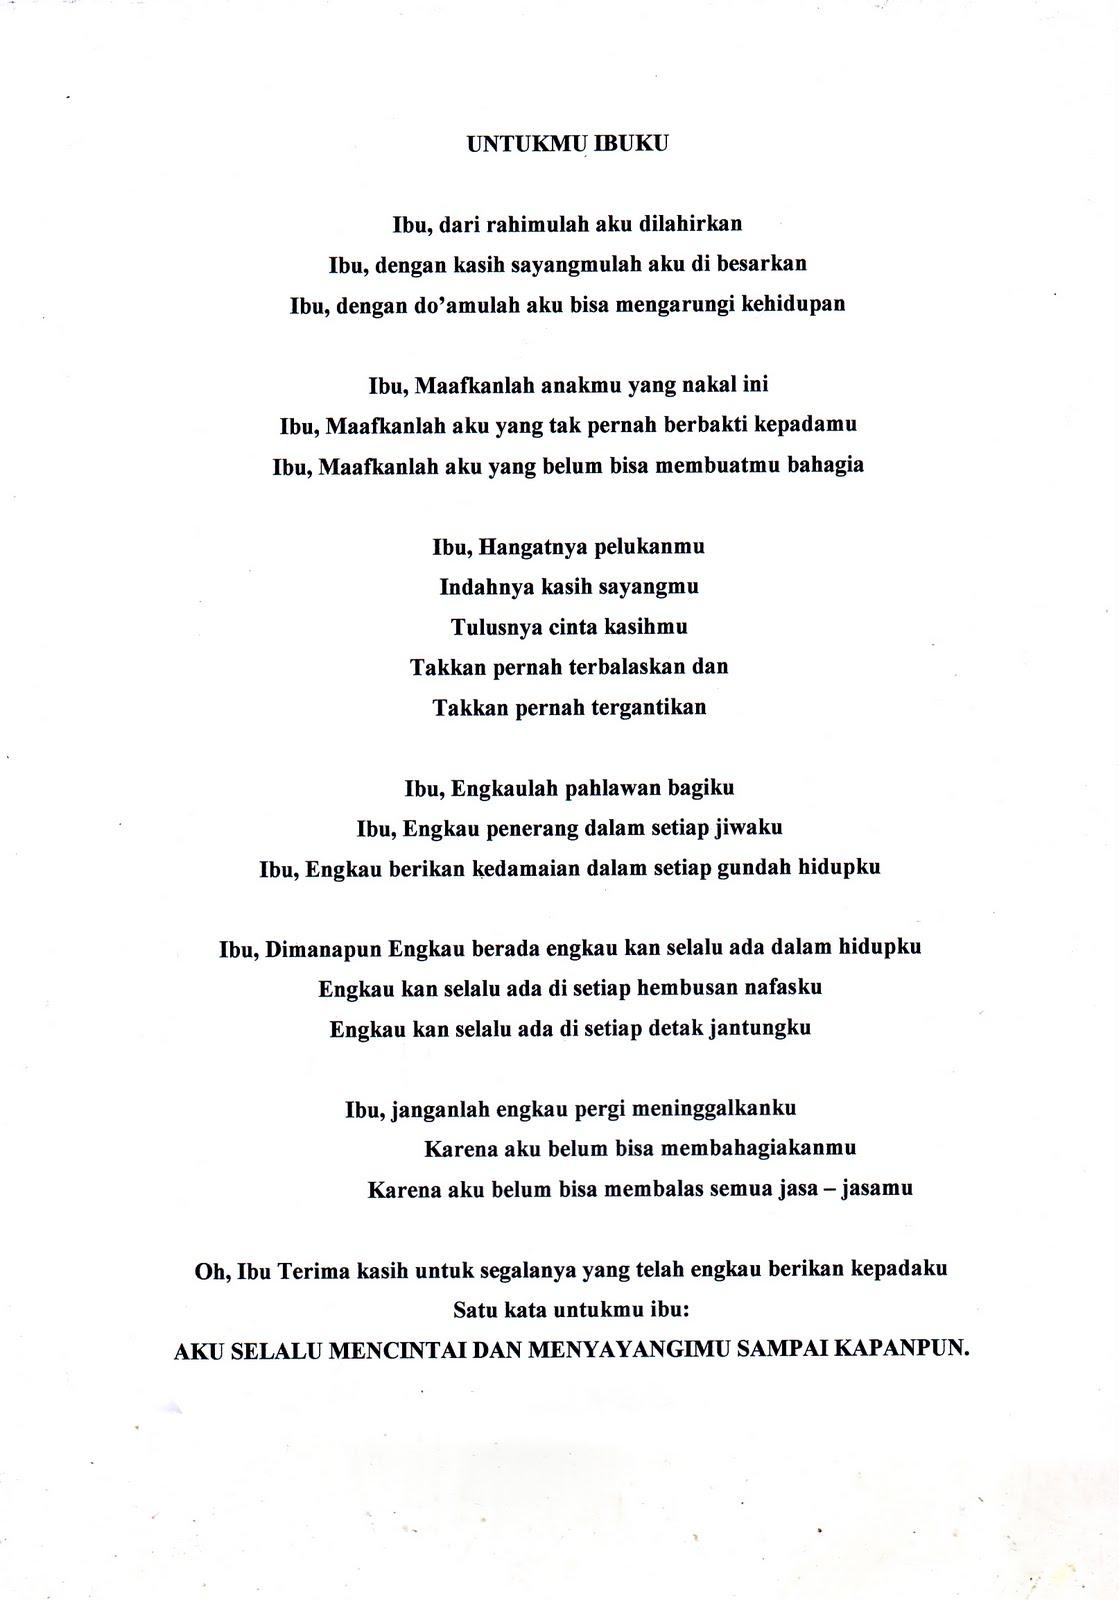 Kumpulan Puisi Untuk Guru Terlengkap Tersedot